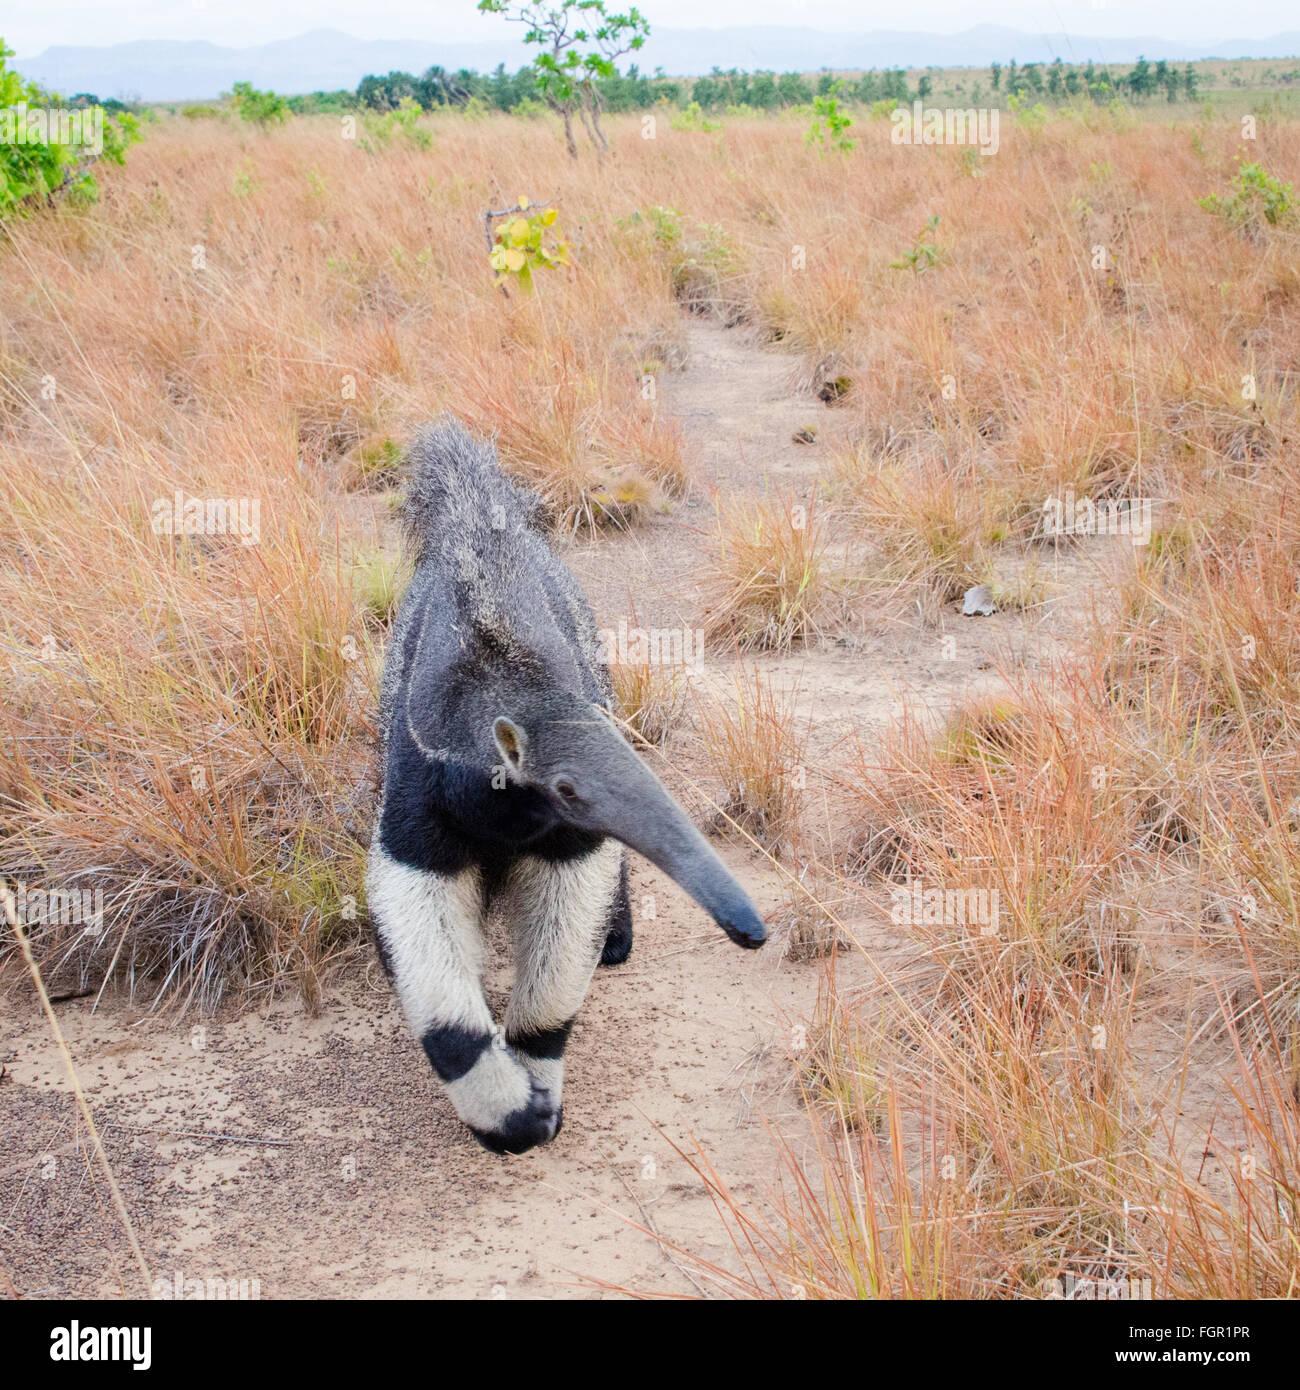 Giant Anteater (Myrmecophaga tridactyla) Guyana - Stock Image